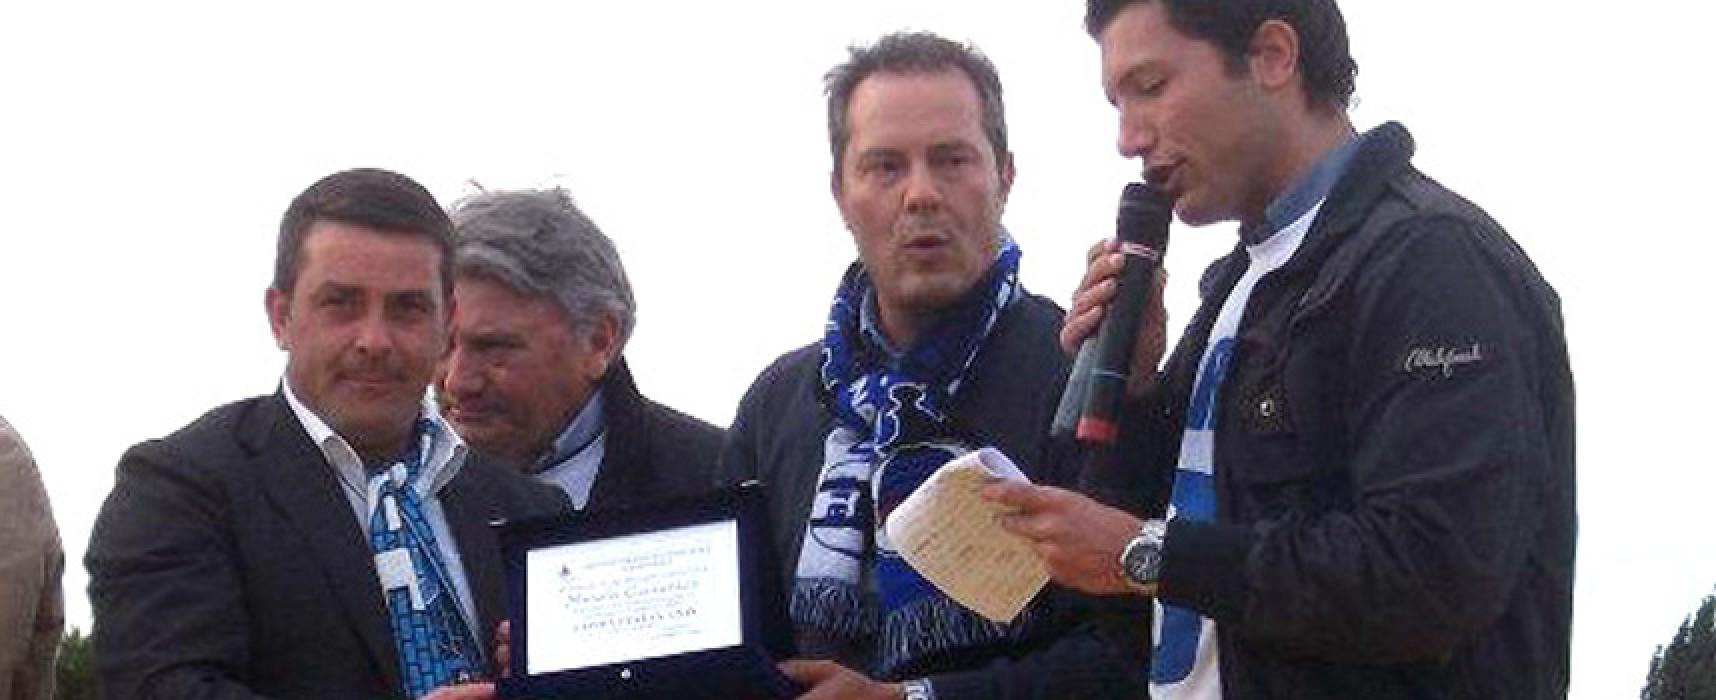 Oggi Ingrosso da Canonico per il titolo sportivo del Bisceglie, lettera aperta di Spina